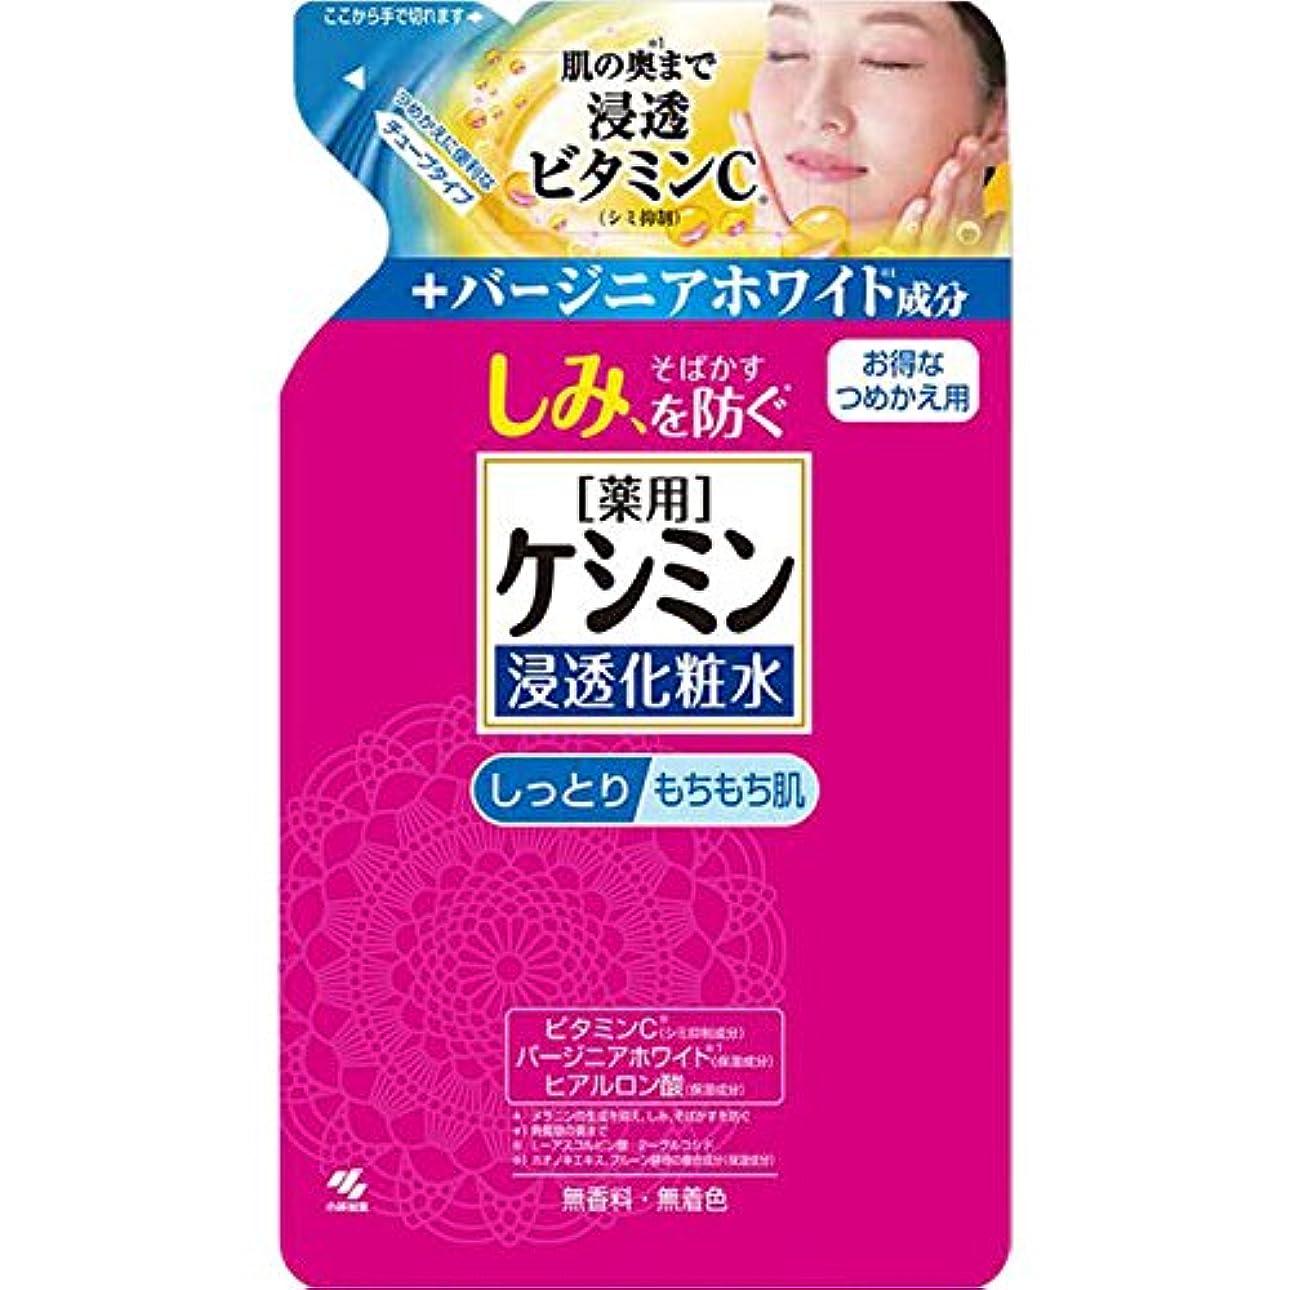 櫛爆発つば小林製薬 ケシミン 浸透化粧水しっとり つめかえ用 140ml